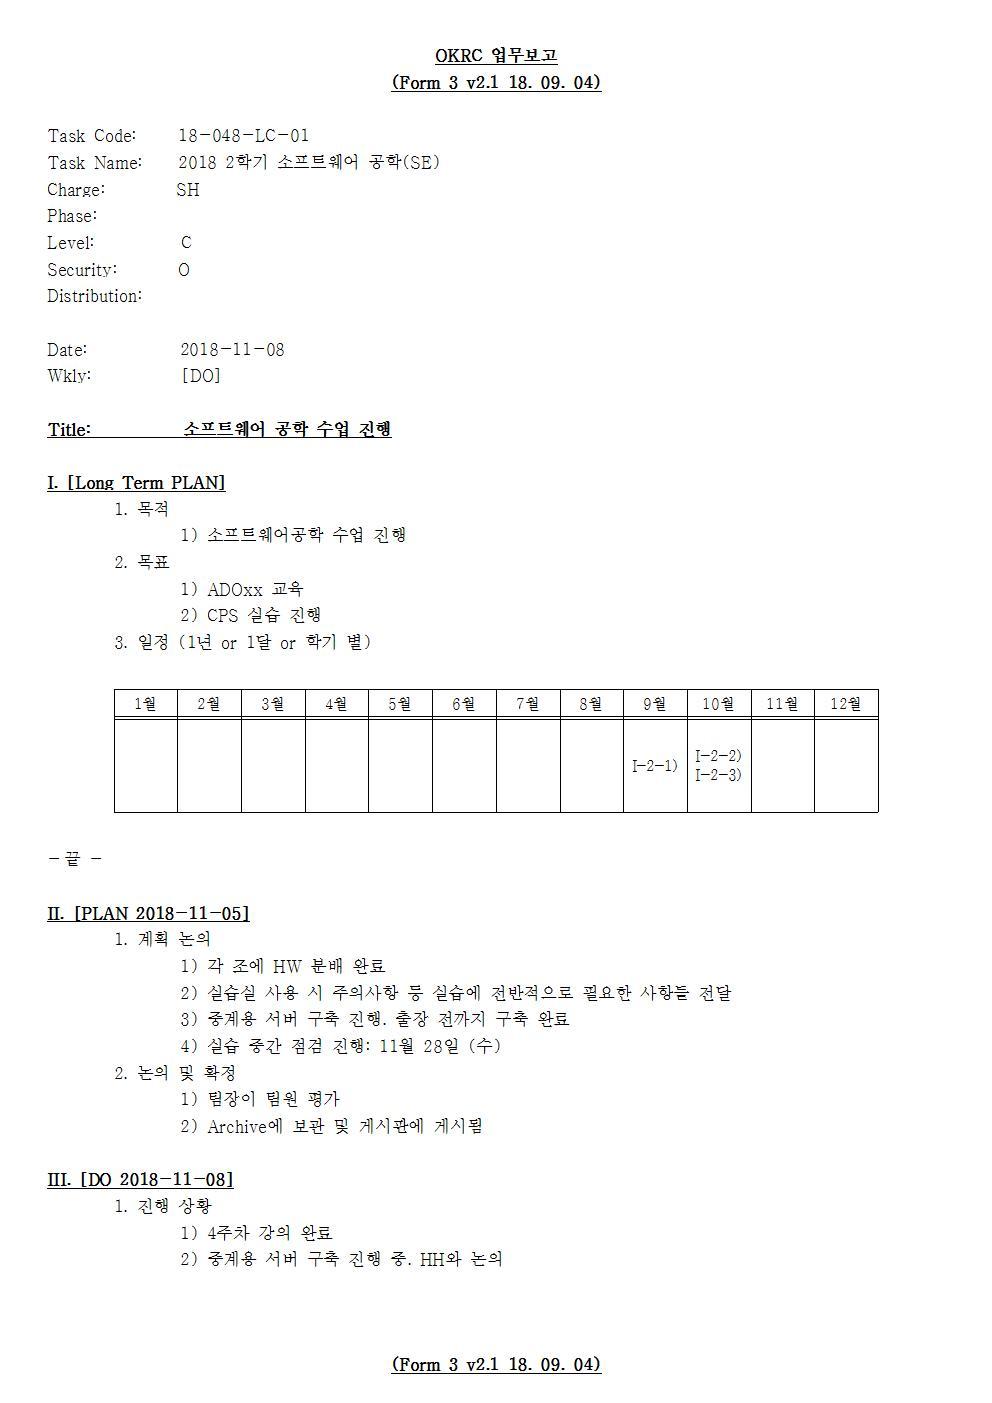 D-[18-048-LC-01]-[SE]-[2018-11-08][SH]001.jpg